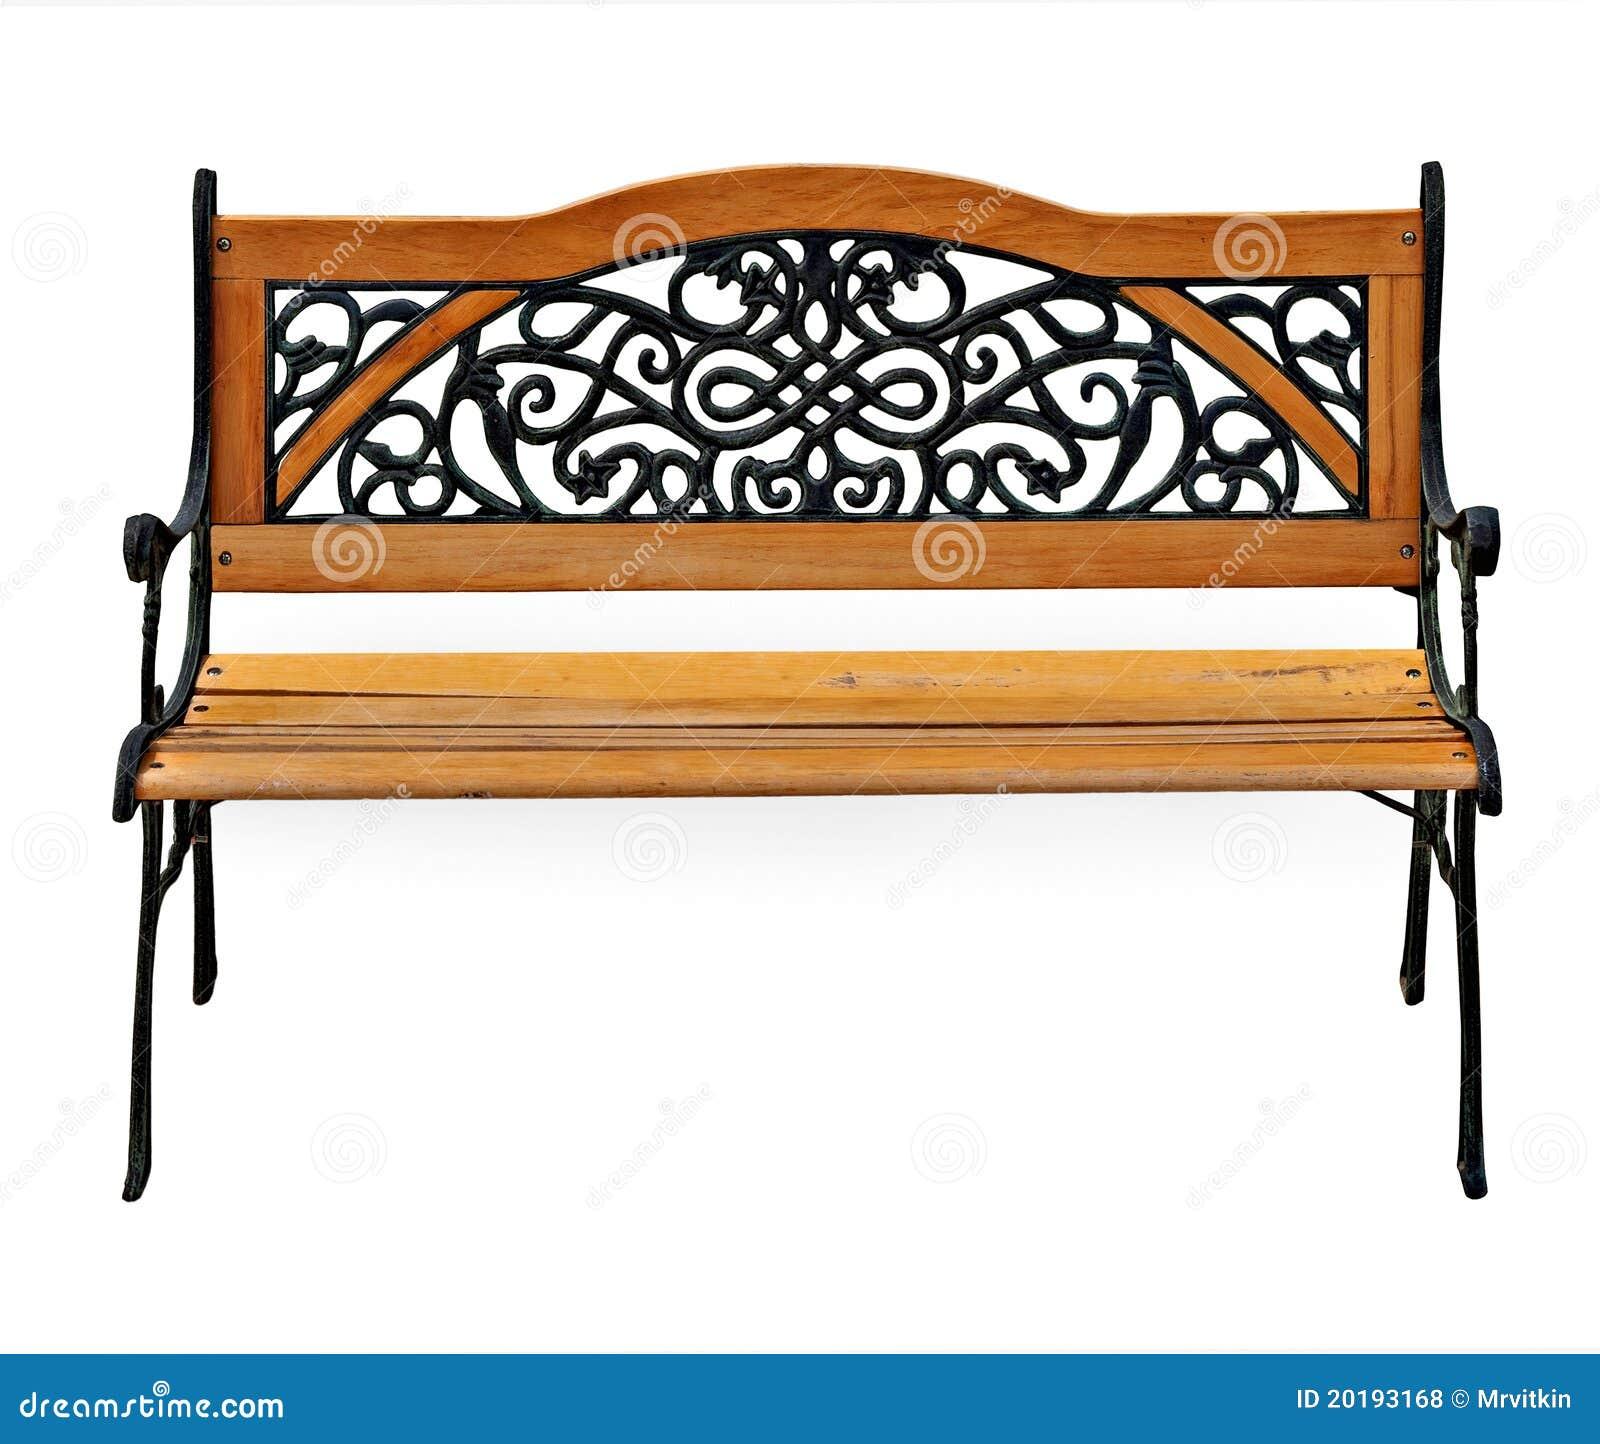 Fotos de Stock Royalty Free: Banco à moda do ferro fundido do jardim  #B05111 1300x1190